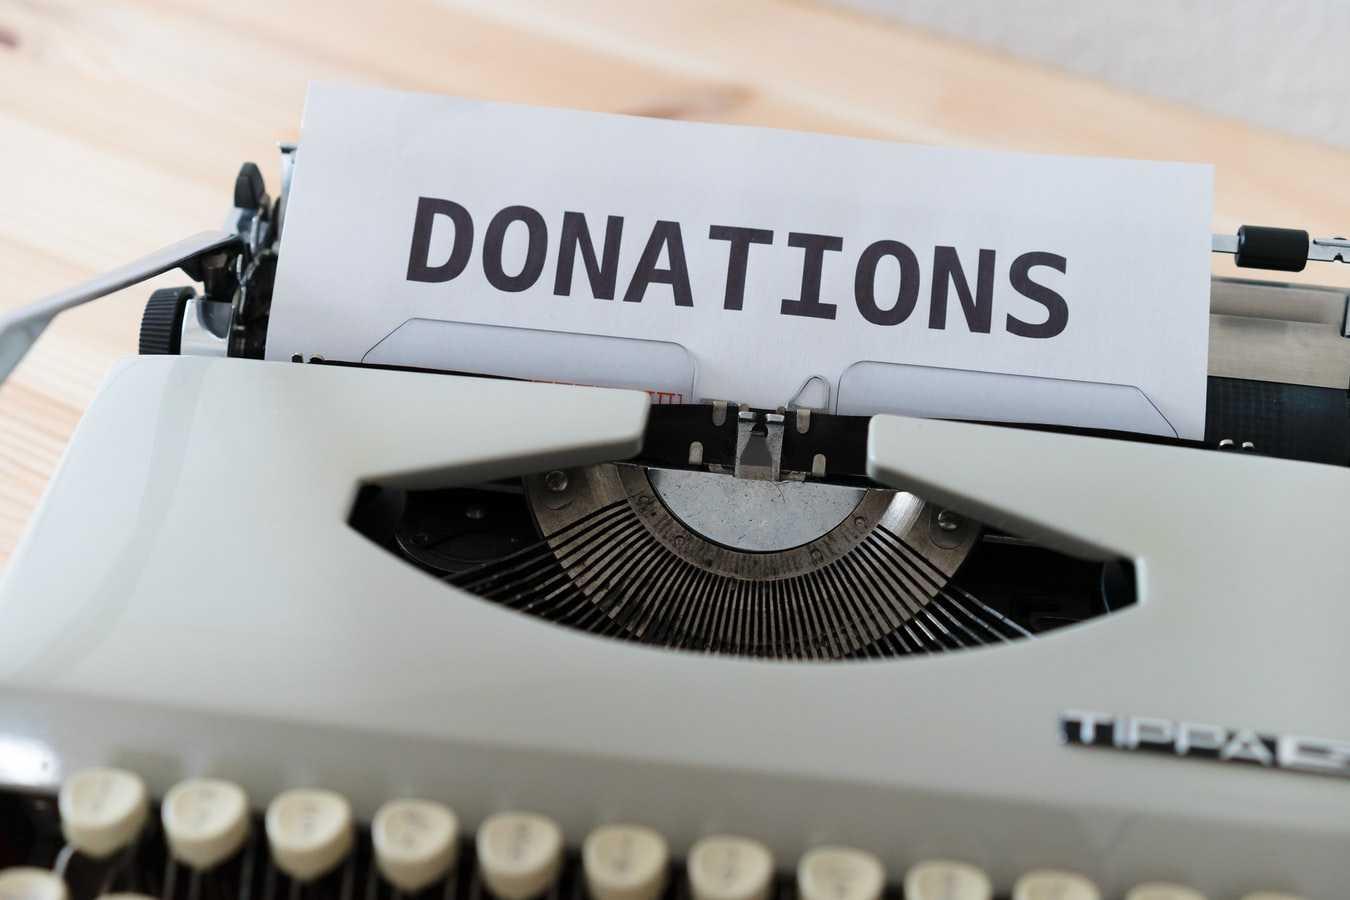 Car Donations | Goodwill Car Donations